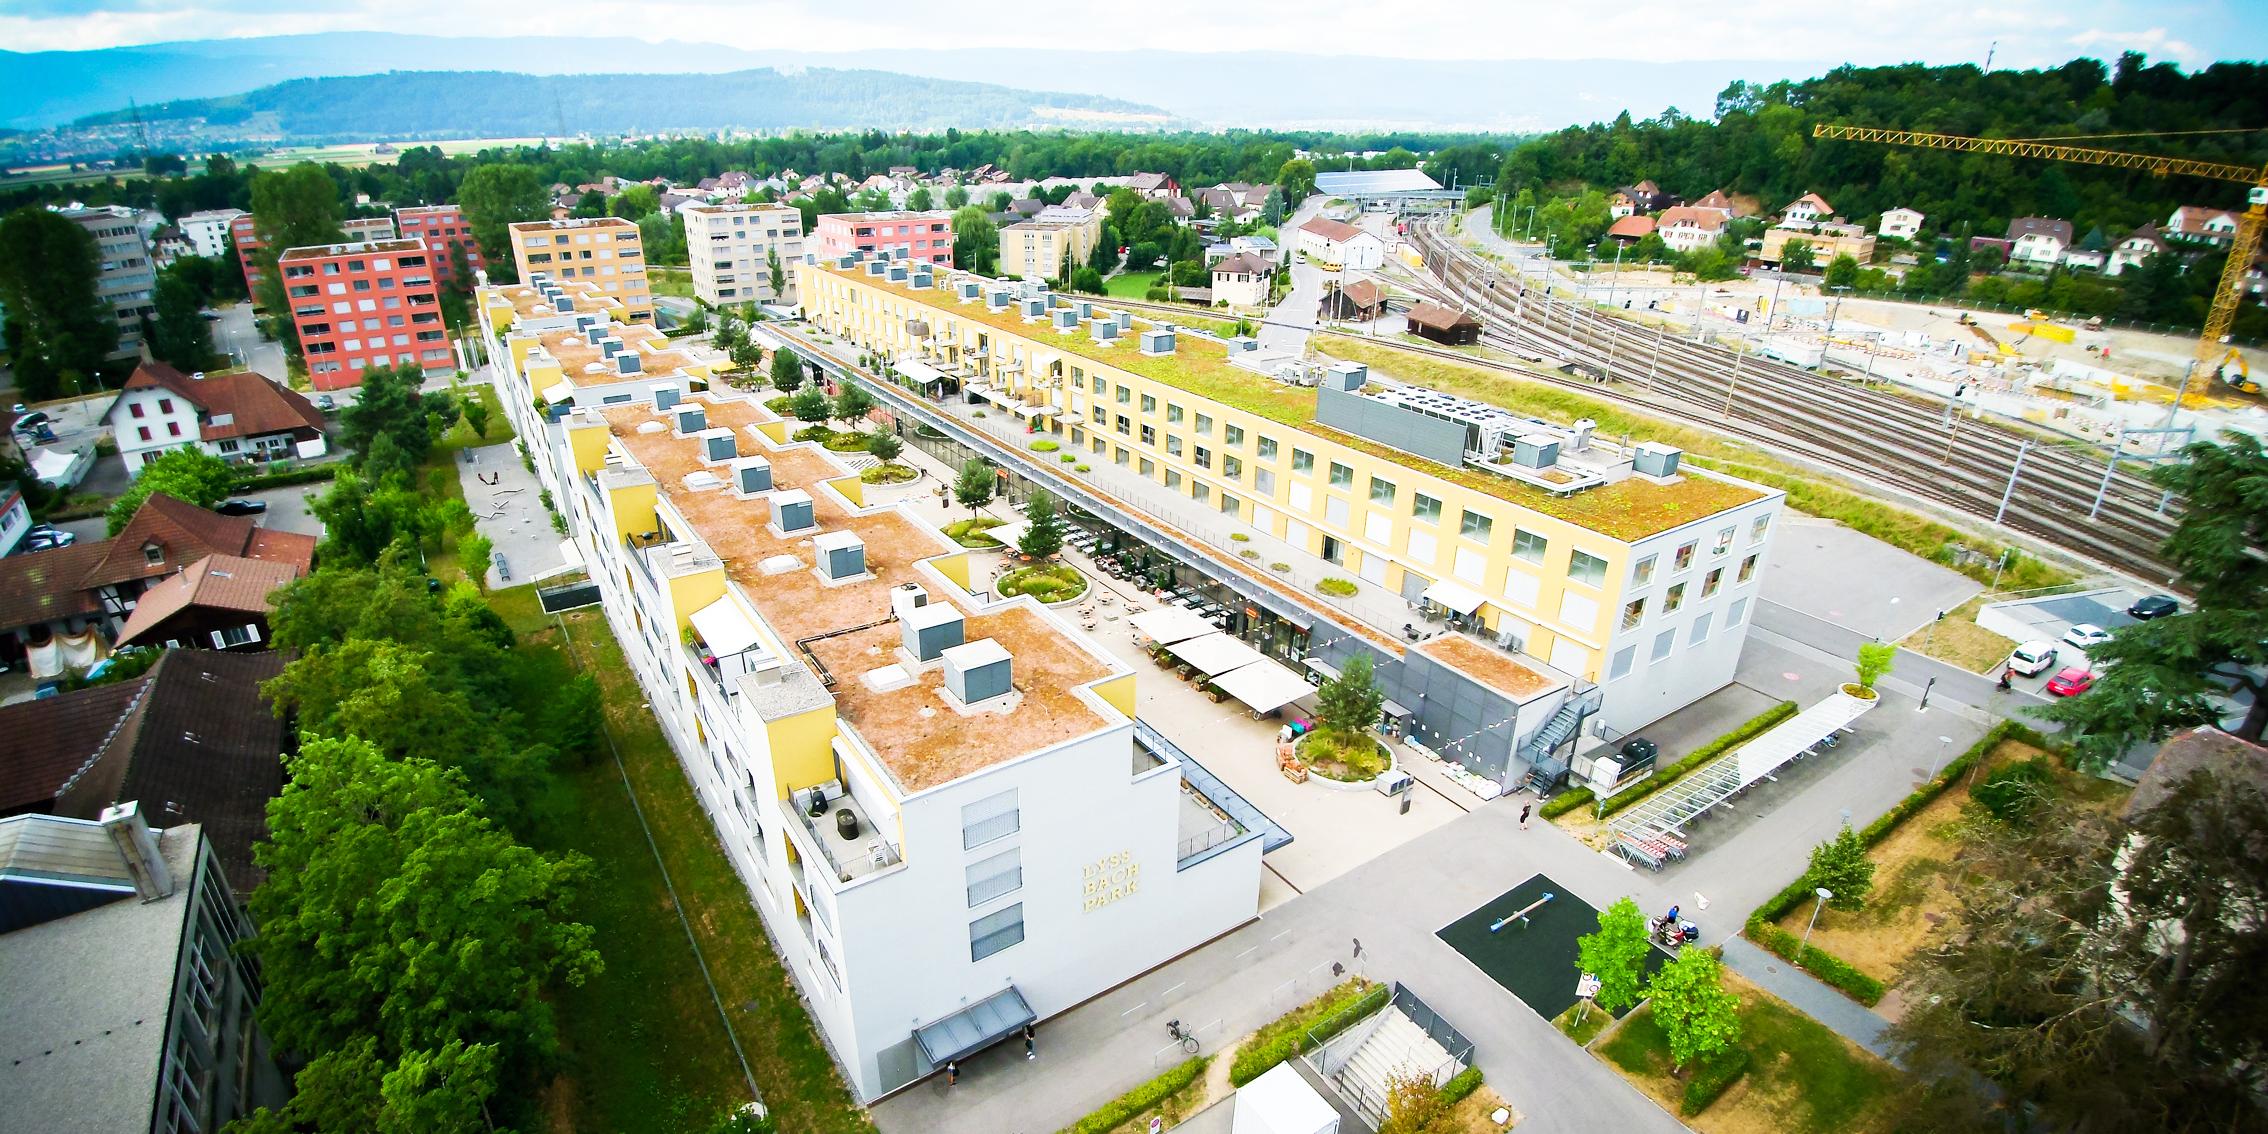 Einkaufscenter Lyssbachpark